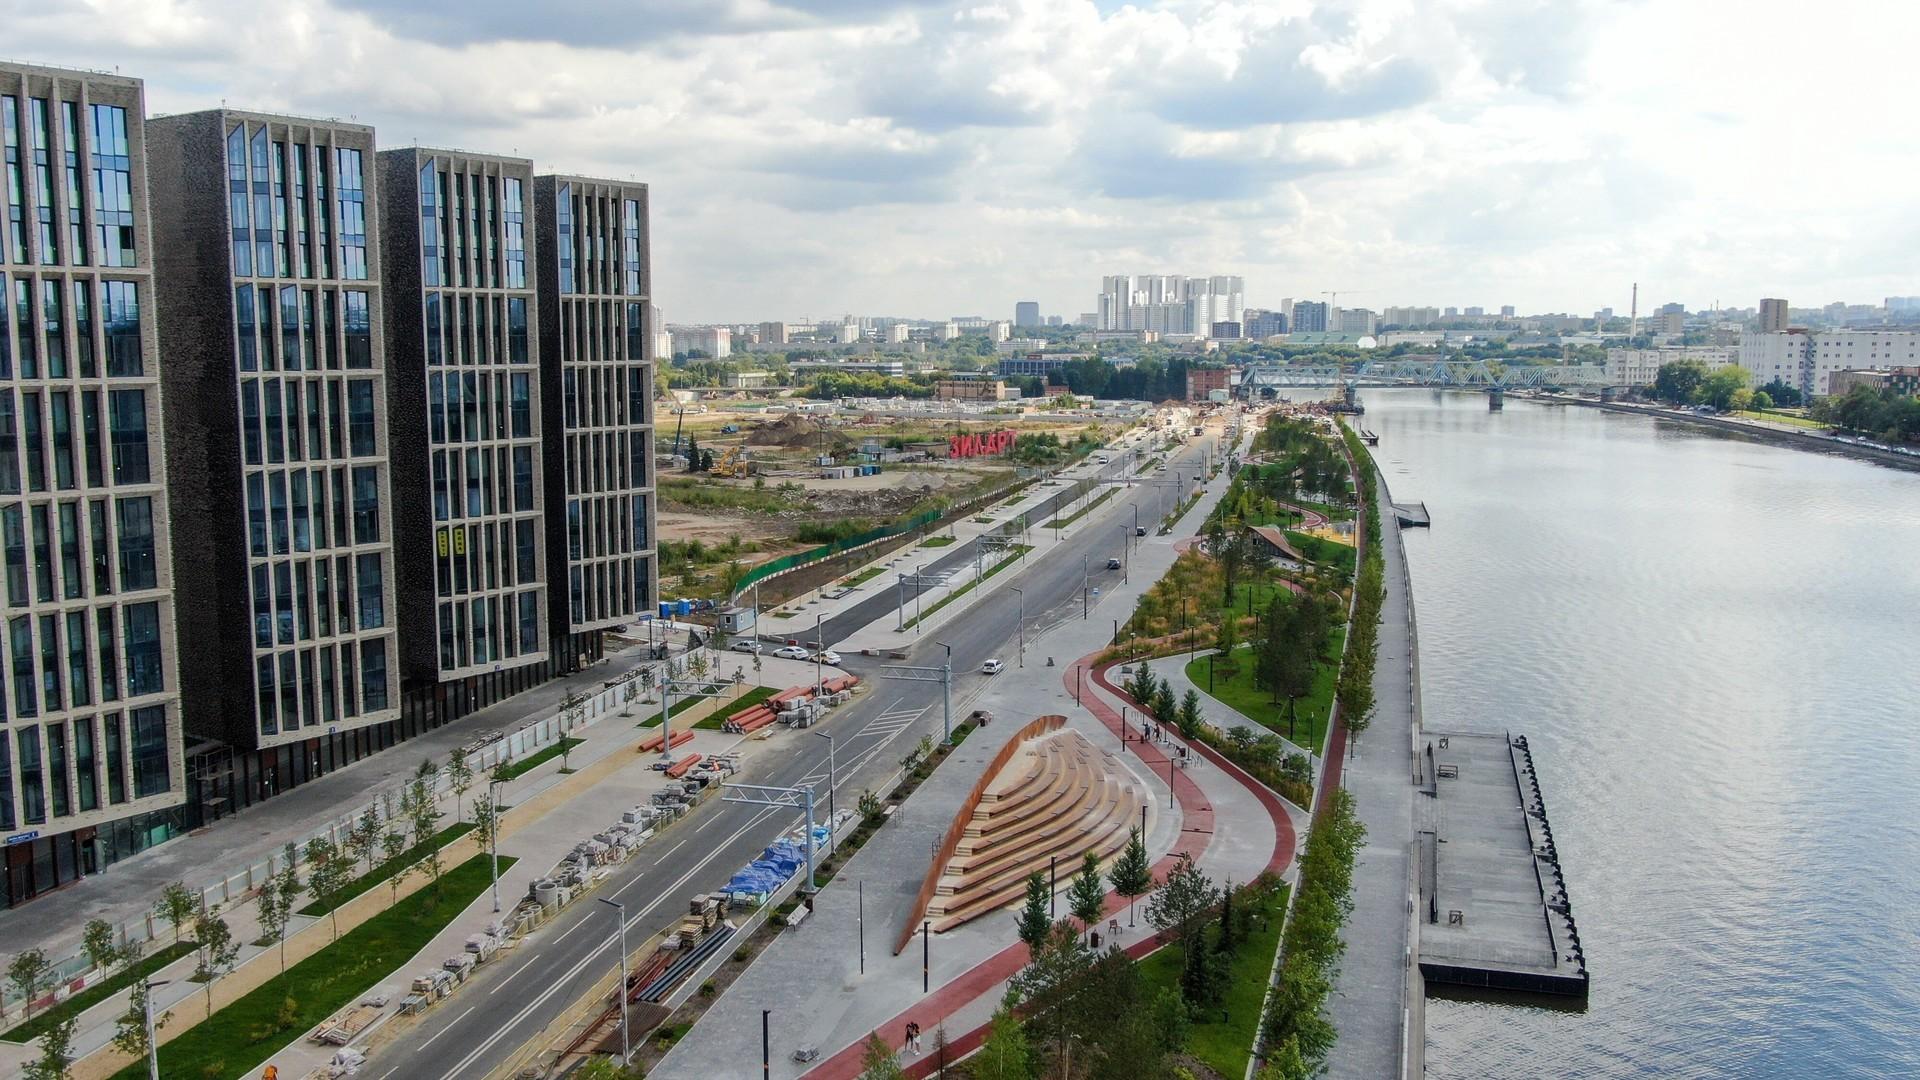 Area permukiman baru di Moskow yang terletak tak jauh dari pusat kota.